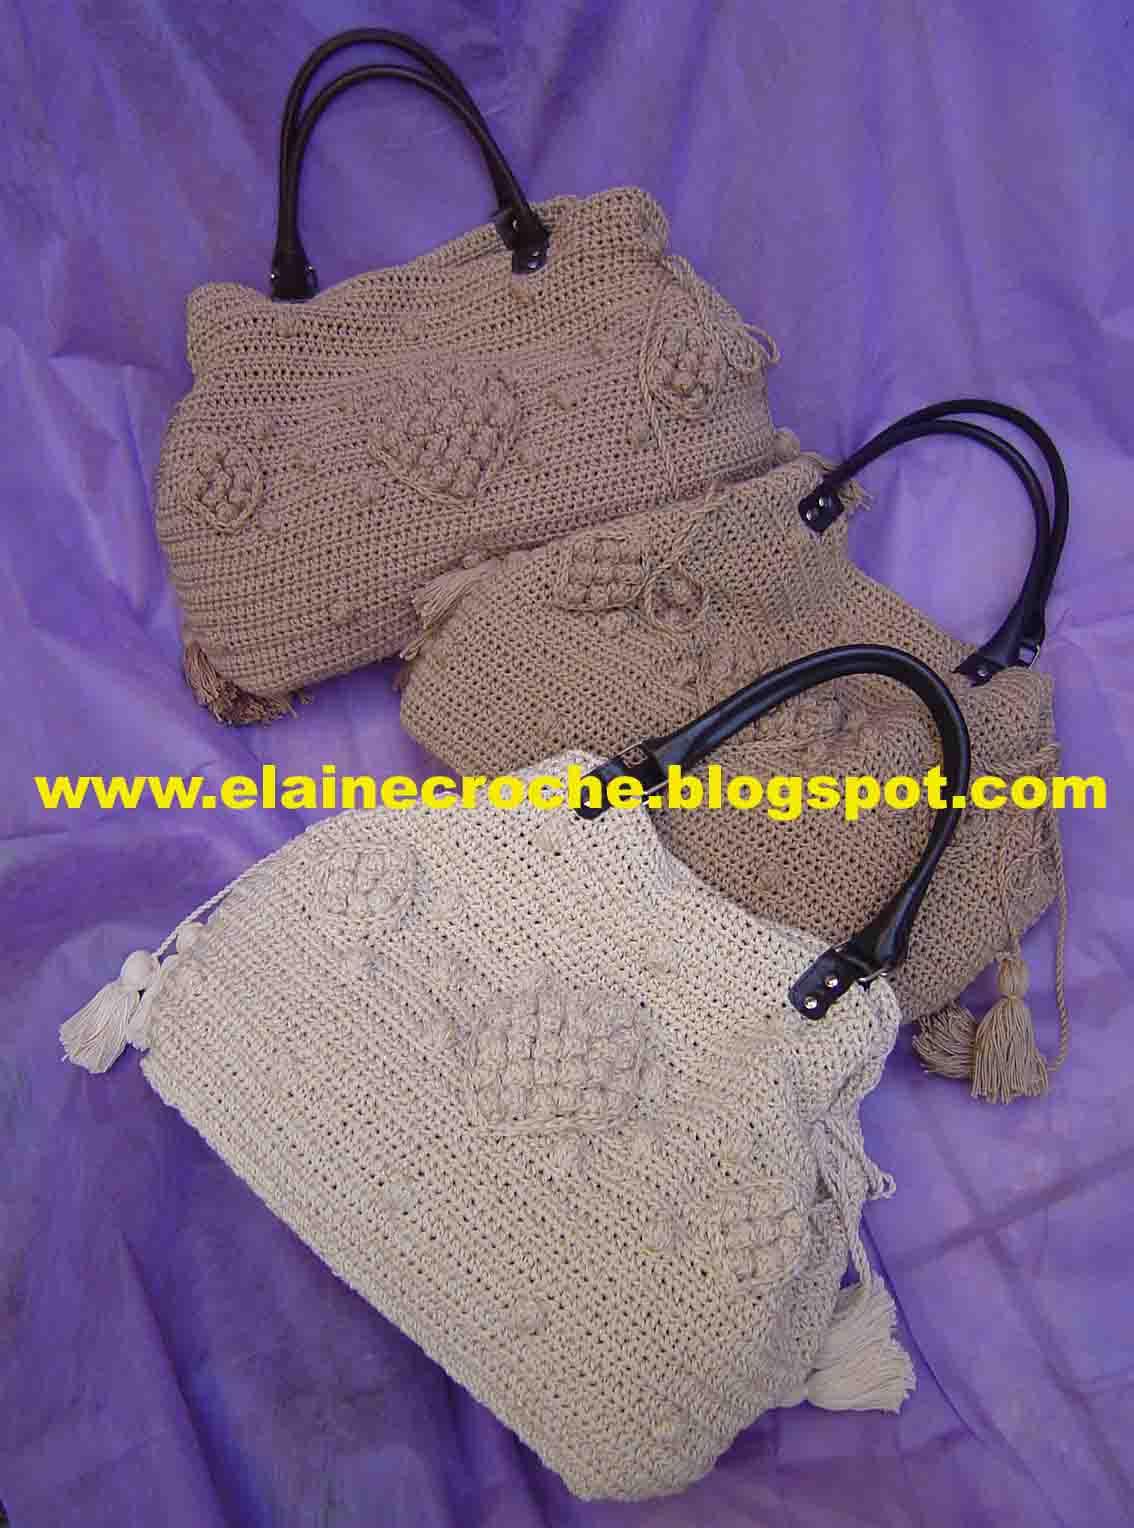 c4b189848e66 As peças de vestuário também são boas de venda, mas ai já entram outros  detalhes como tamanho e cor que complicam um pouco. Mesmo não vendendo a  peça pronta ...